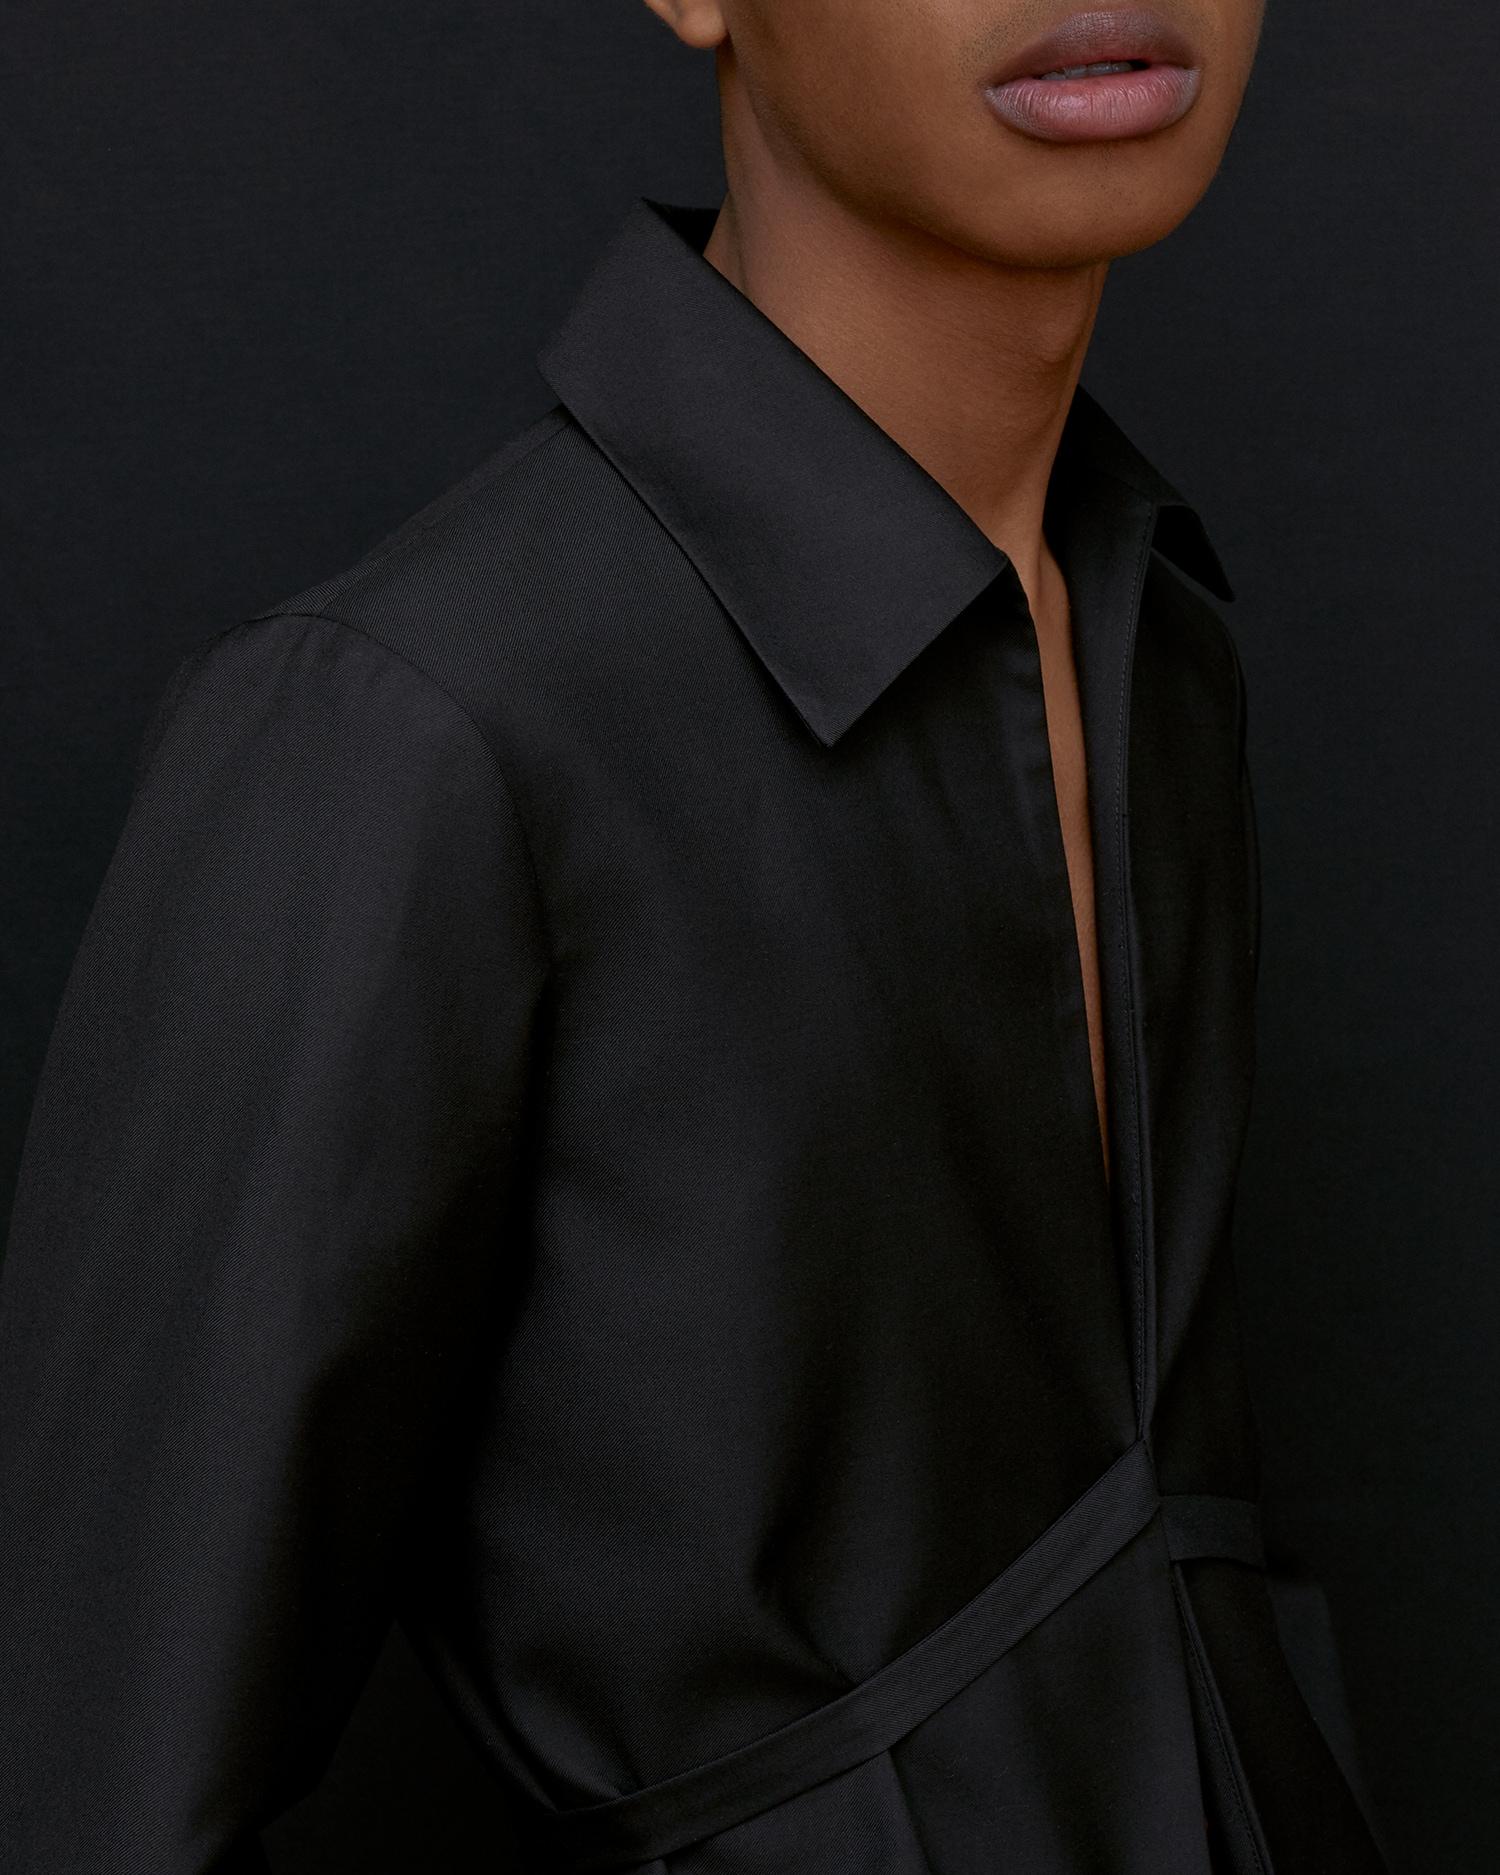 Shop One DNA Blazer in Black